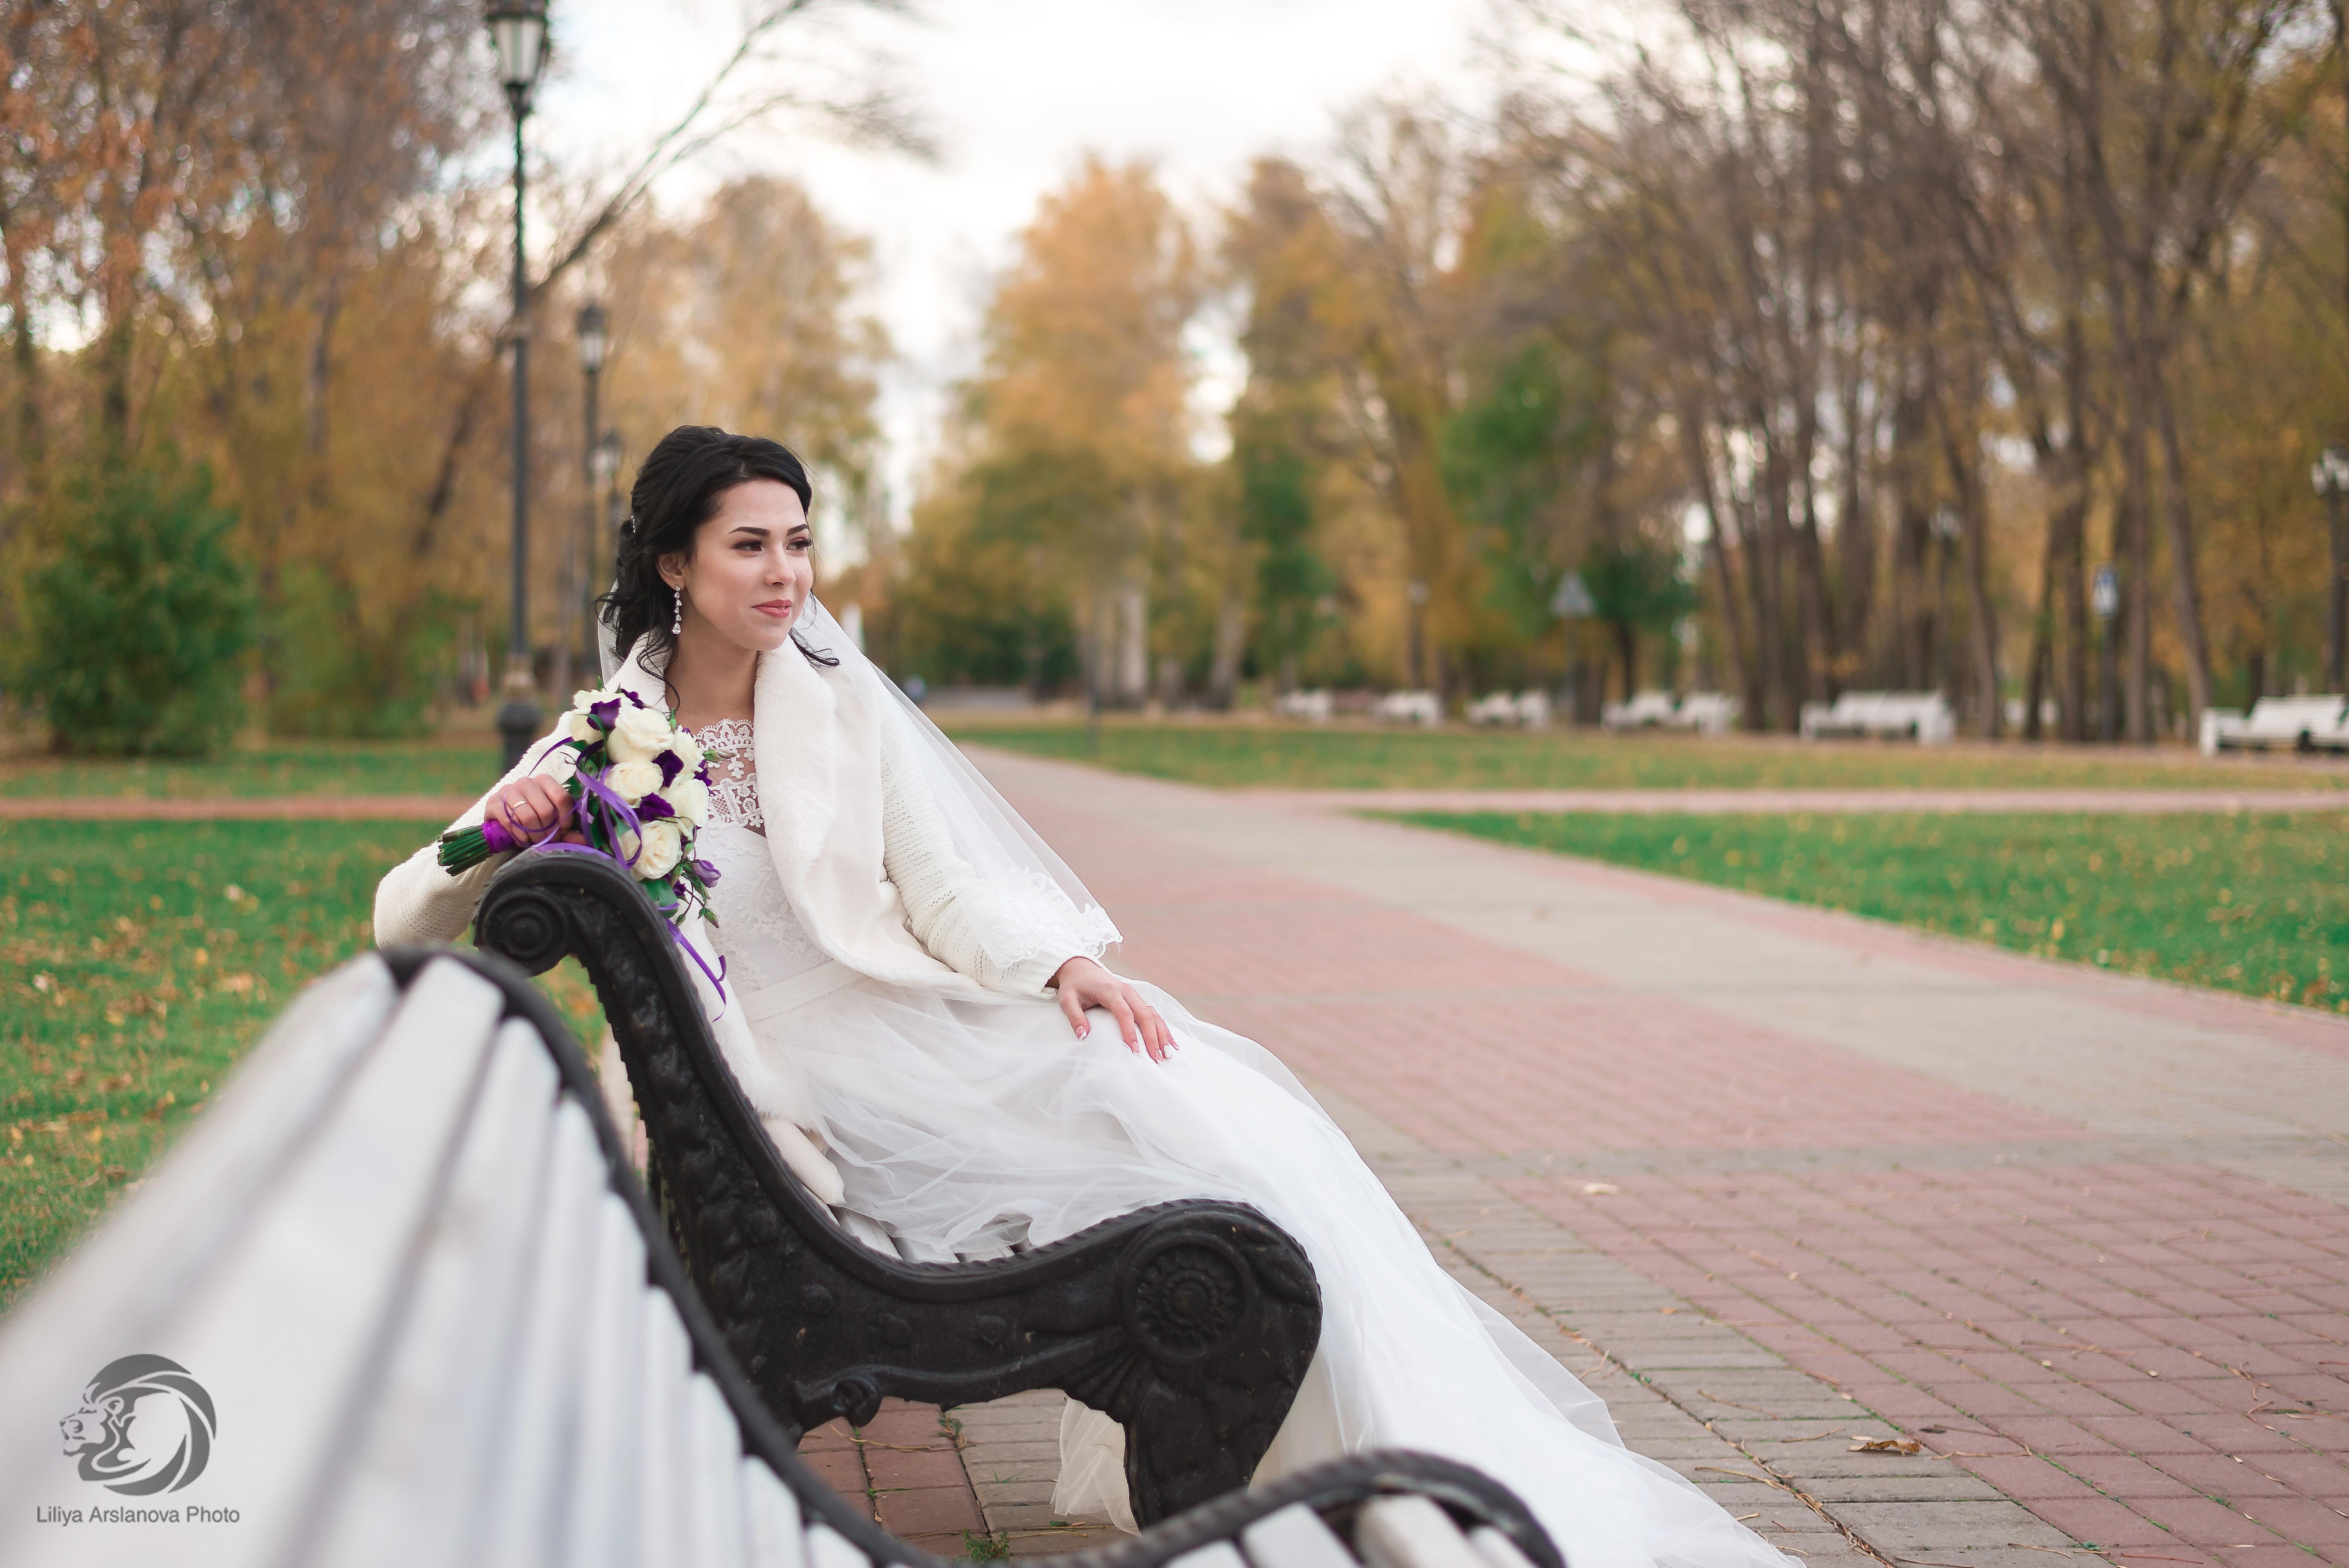 Невеста в парке. Свадебный фотограф Стерлитамак , свадебный фотограф Красноусольск, фотограф на свадьбу стерлитамак недорого, фотограф свадебный цена стерлитамак санаторий красноусольск